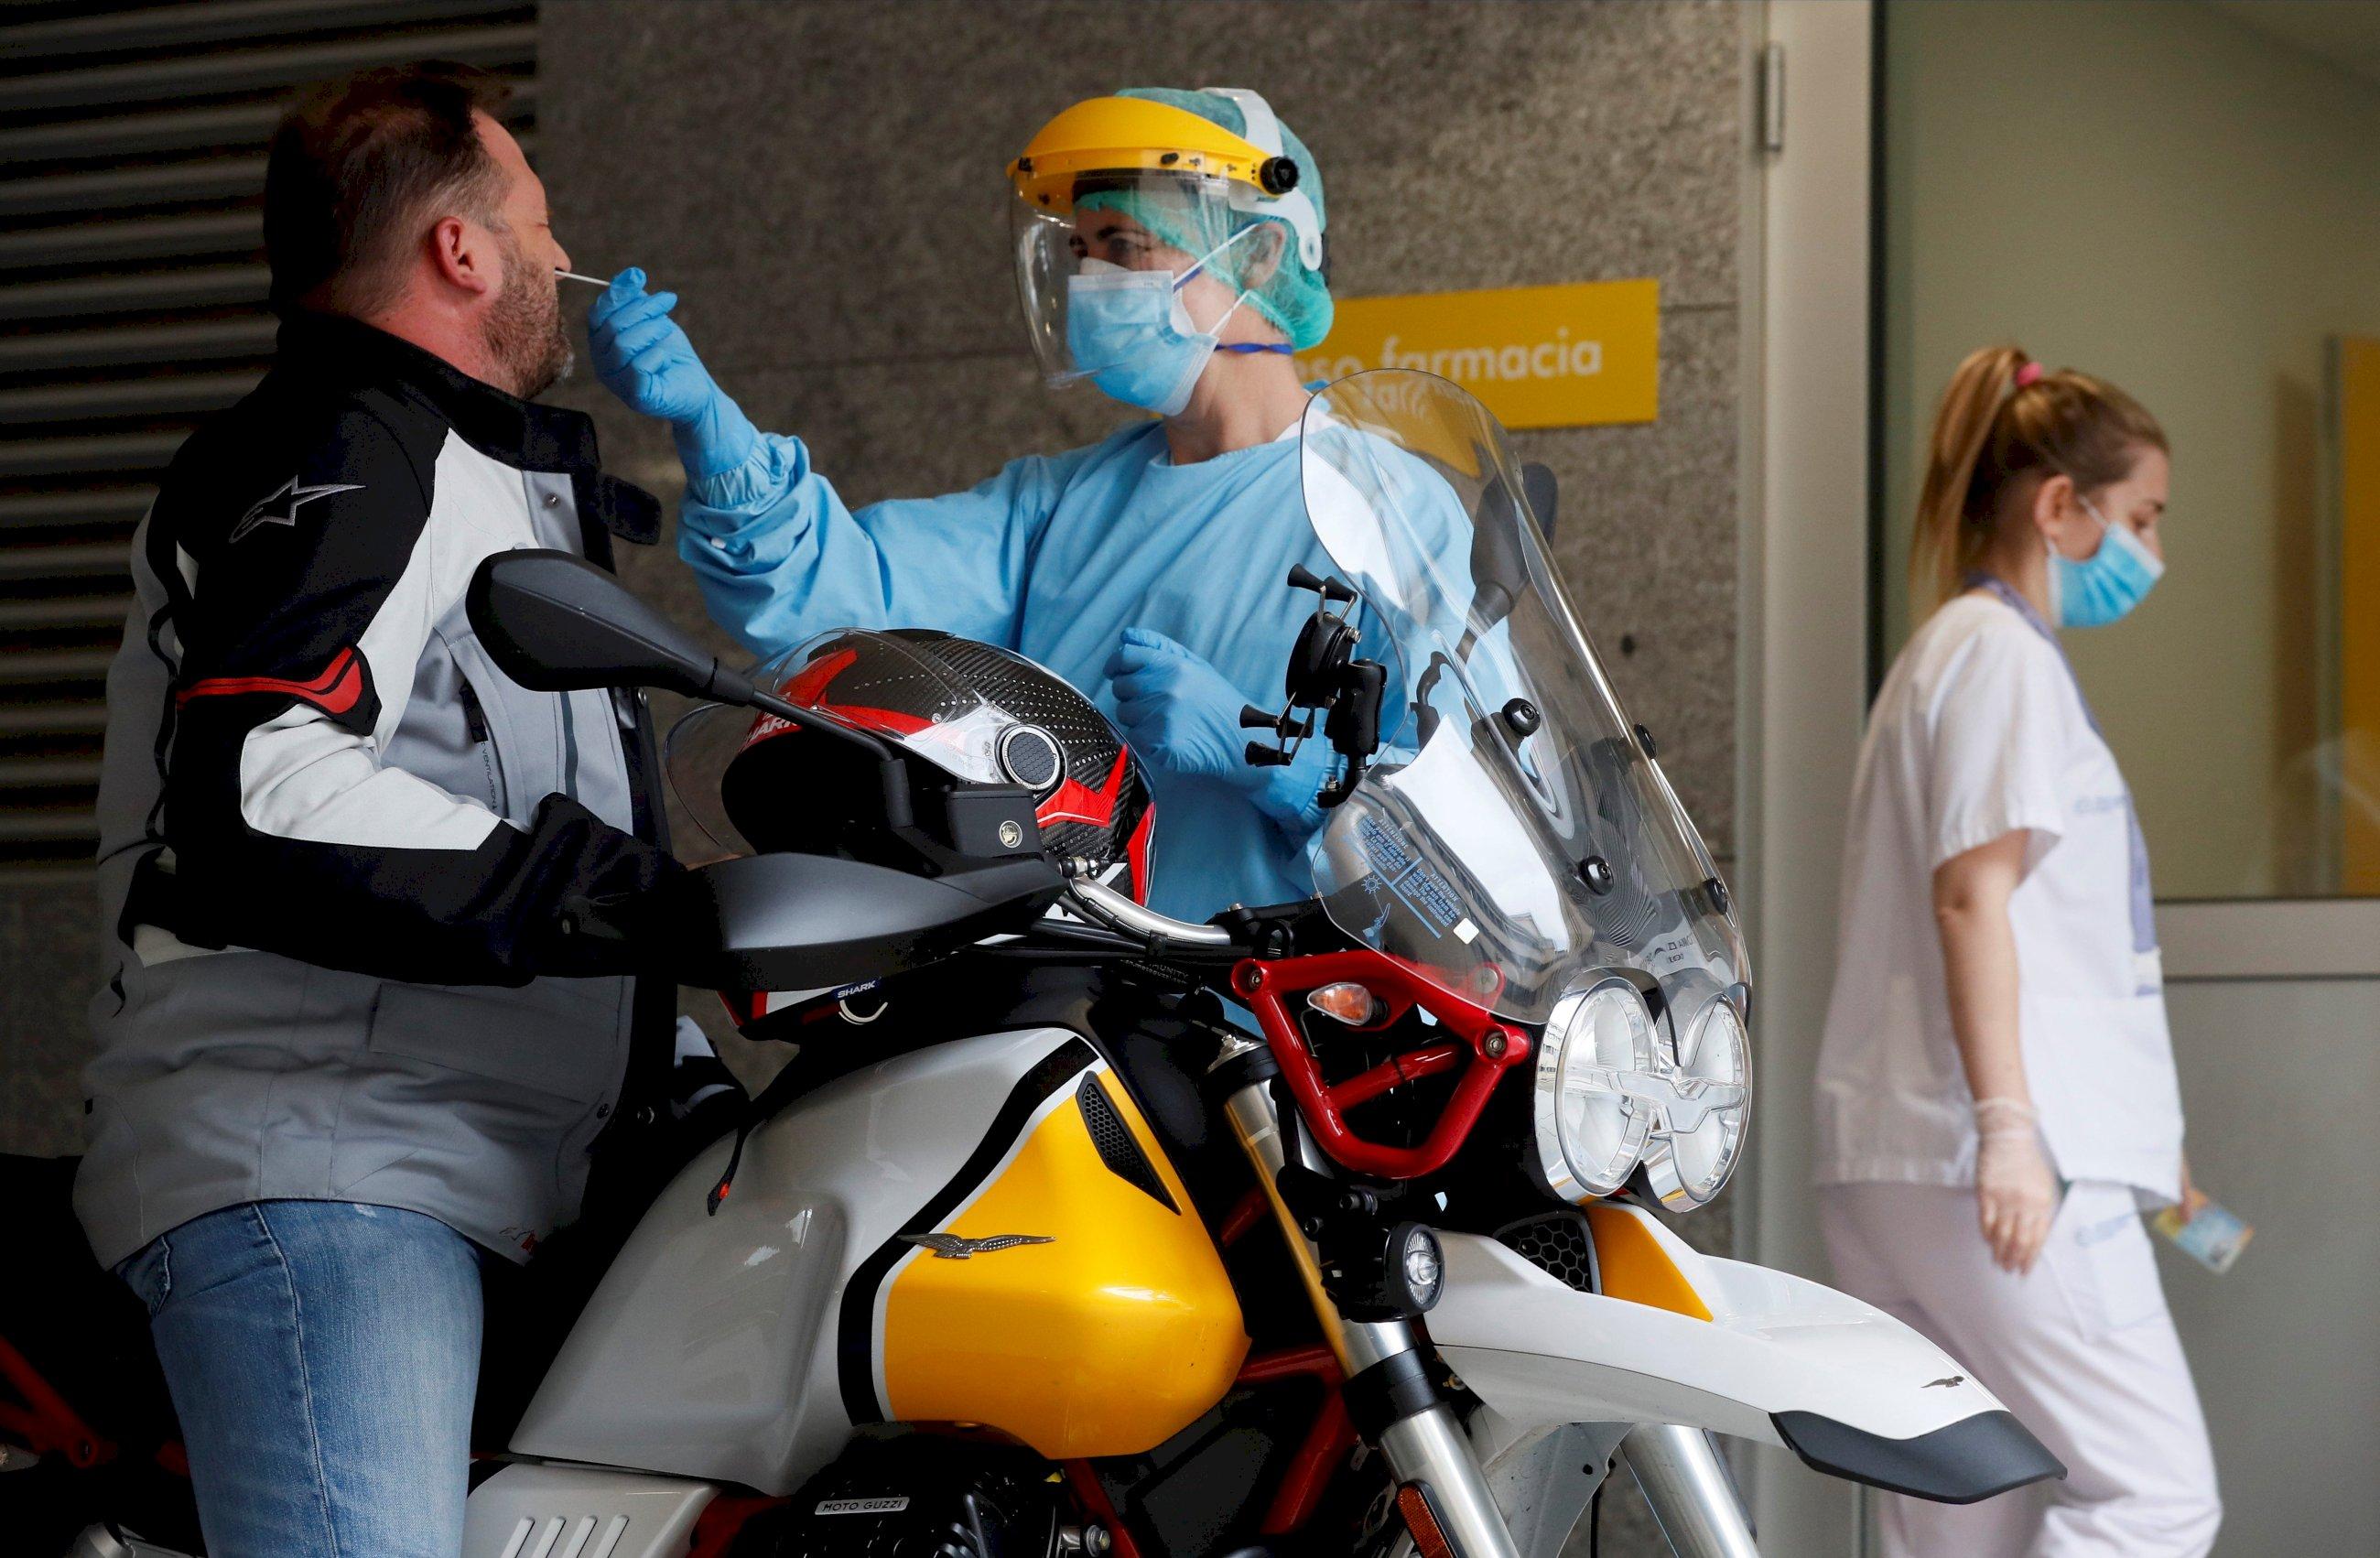 Galicia roza los 200 hospitalizados por Covid-19 tras dispararse los contagios